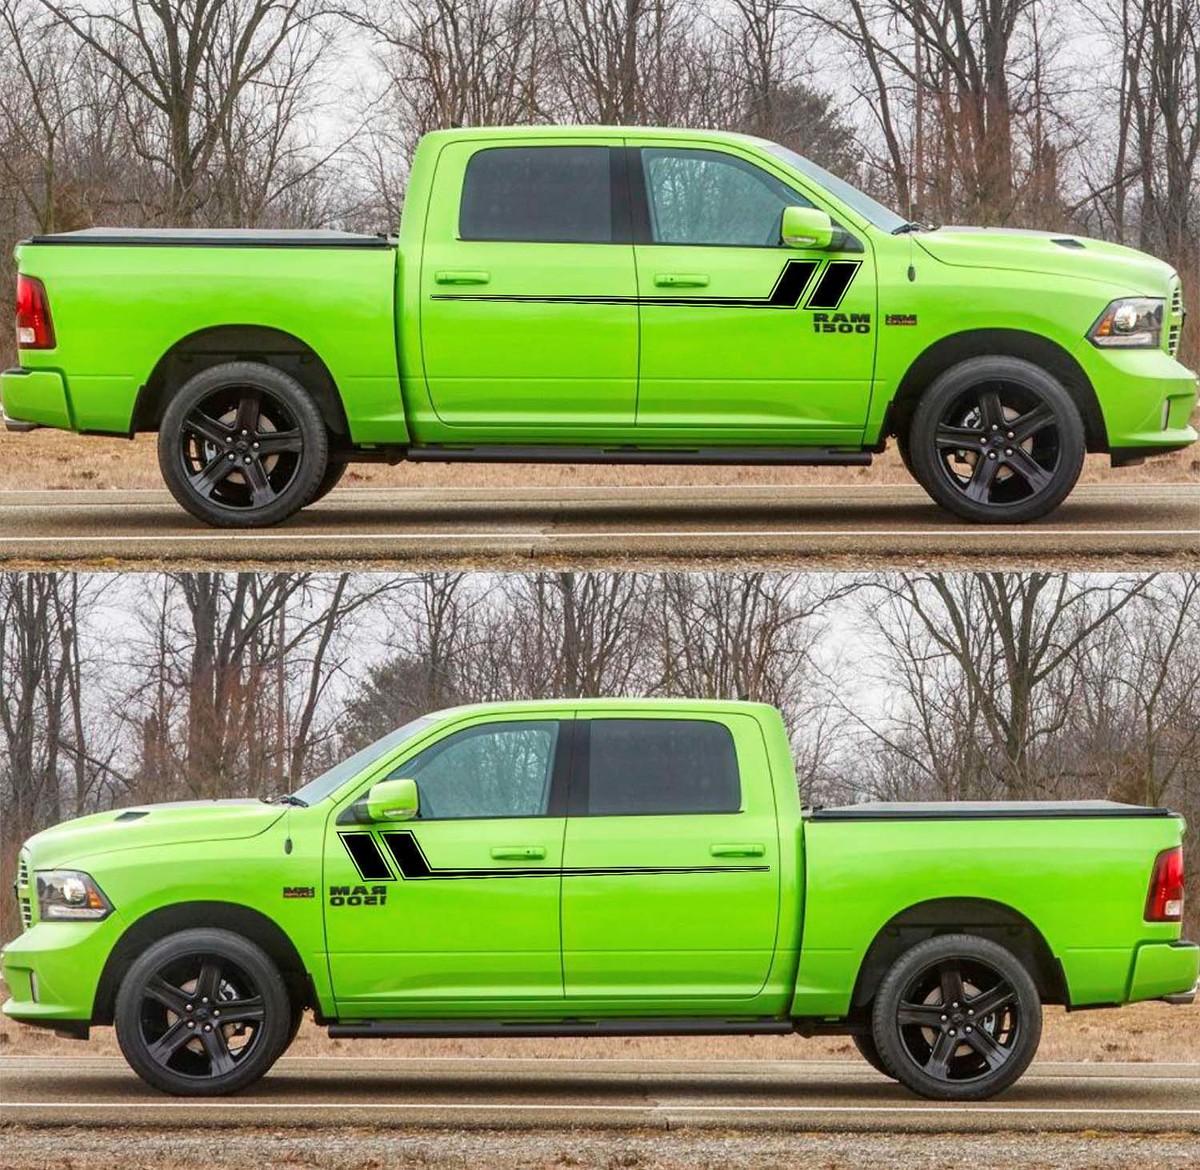 2X Decal Sticker Seitentürstreifen für Dodge Ram 2009-2017 1500 2500 Offroad